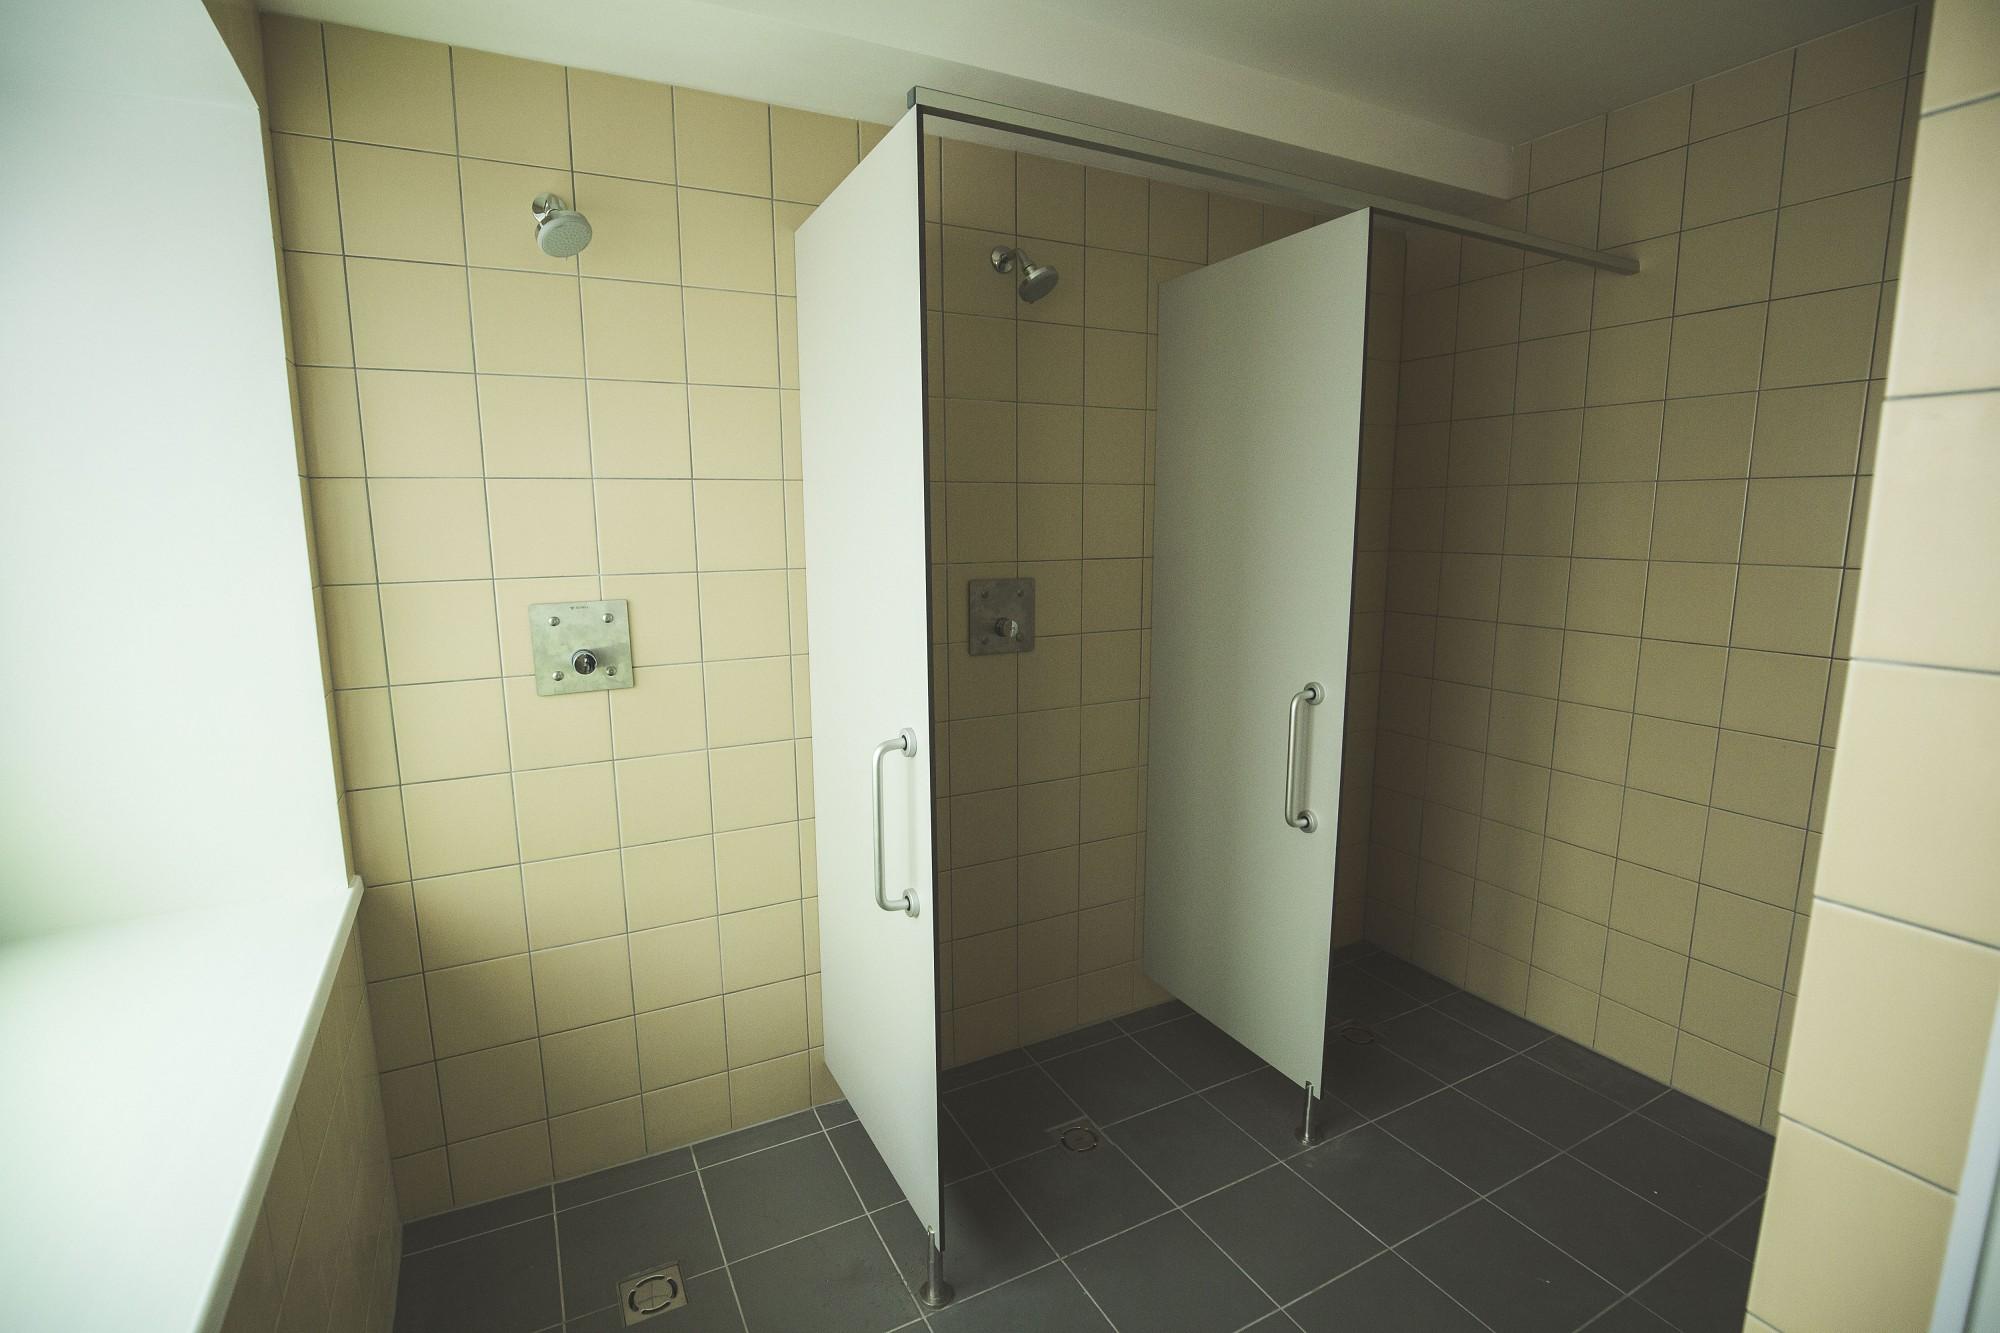 Jaunās dušas vēl jāregulē